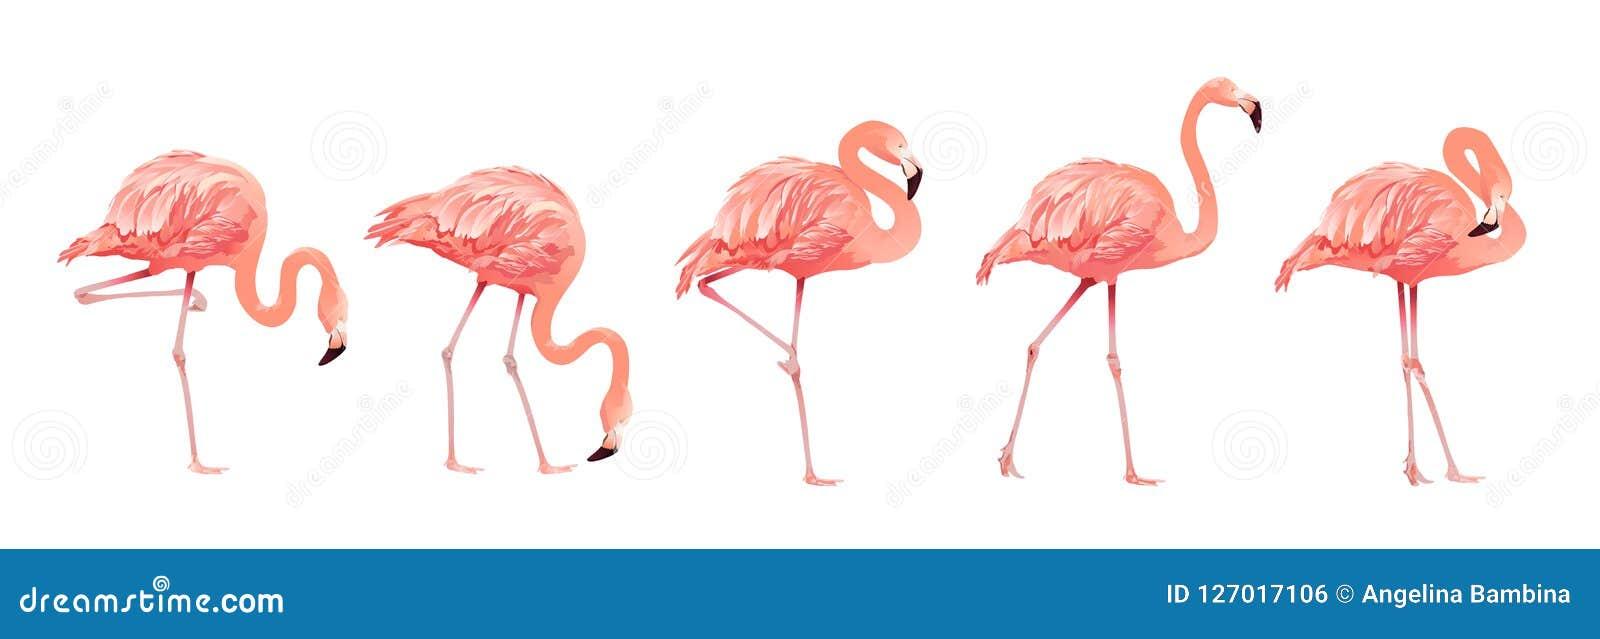 Estilo liso do projeto do símbolo exótico bonito selvagem tropical ajustado cor-de-rosa do pássaro do flamingo isolado no fundo b